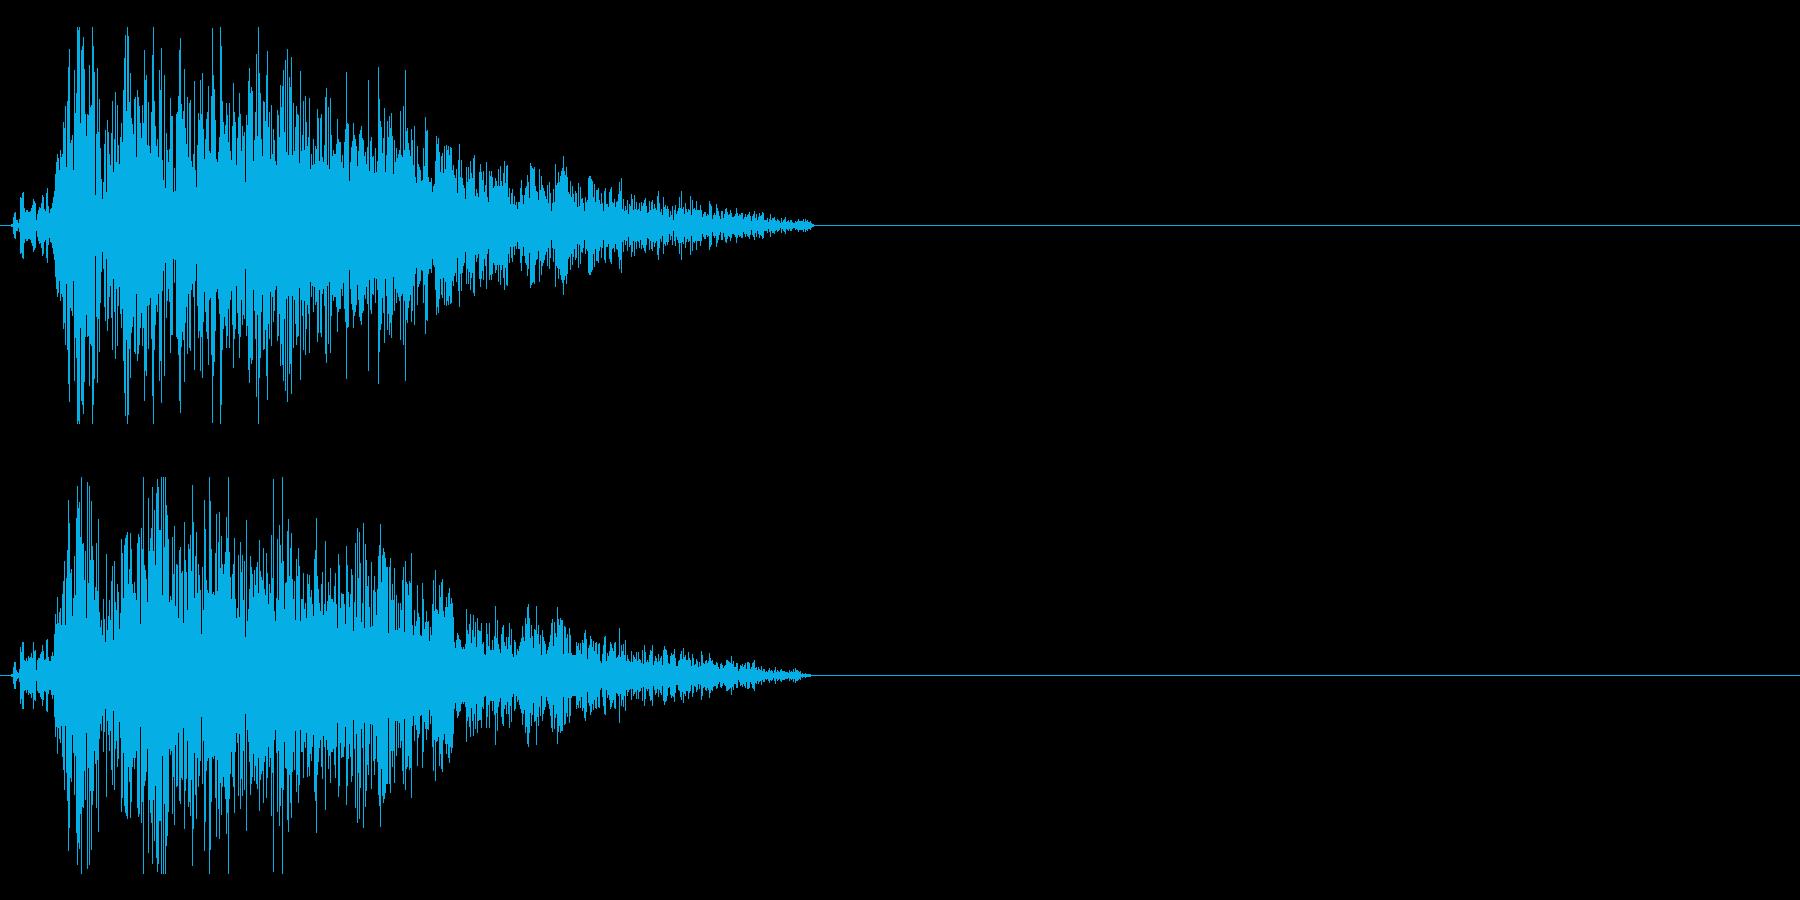 ブシャッ 斬撃音の再生済みの波形